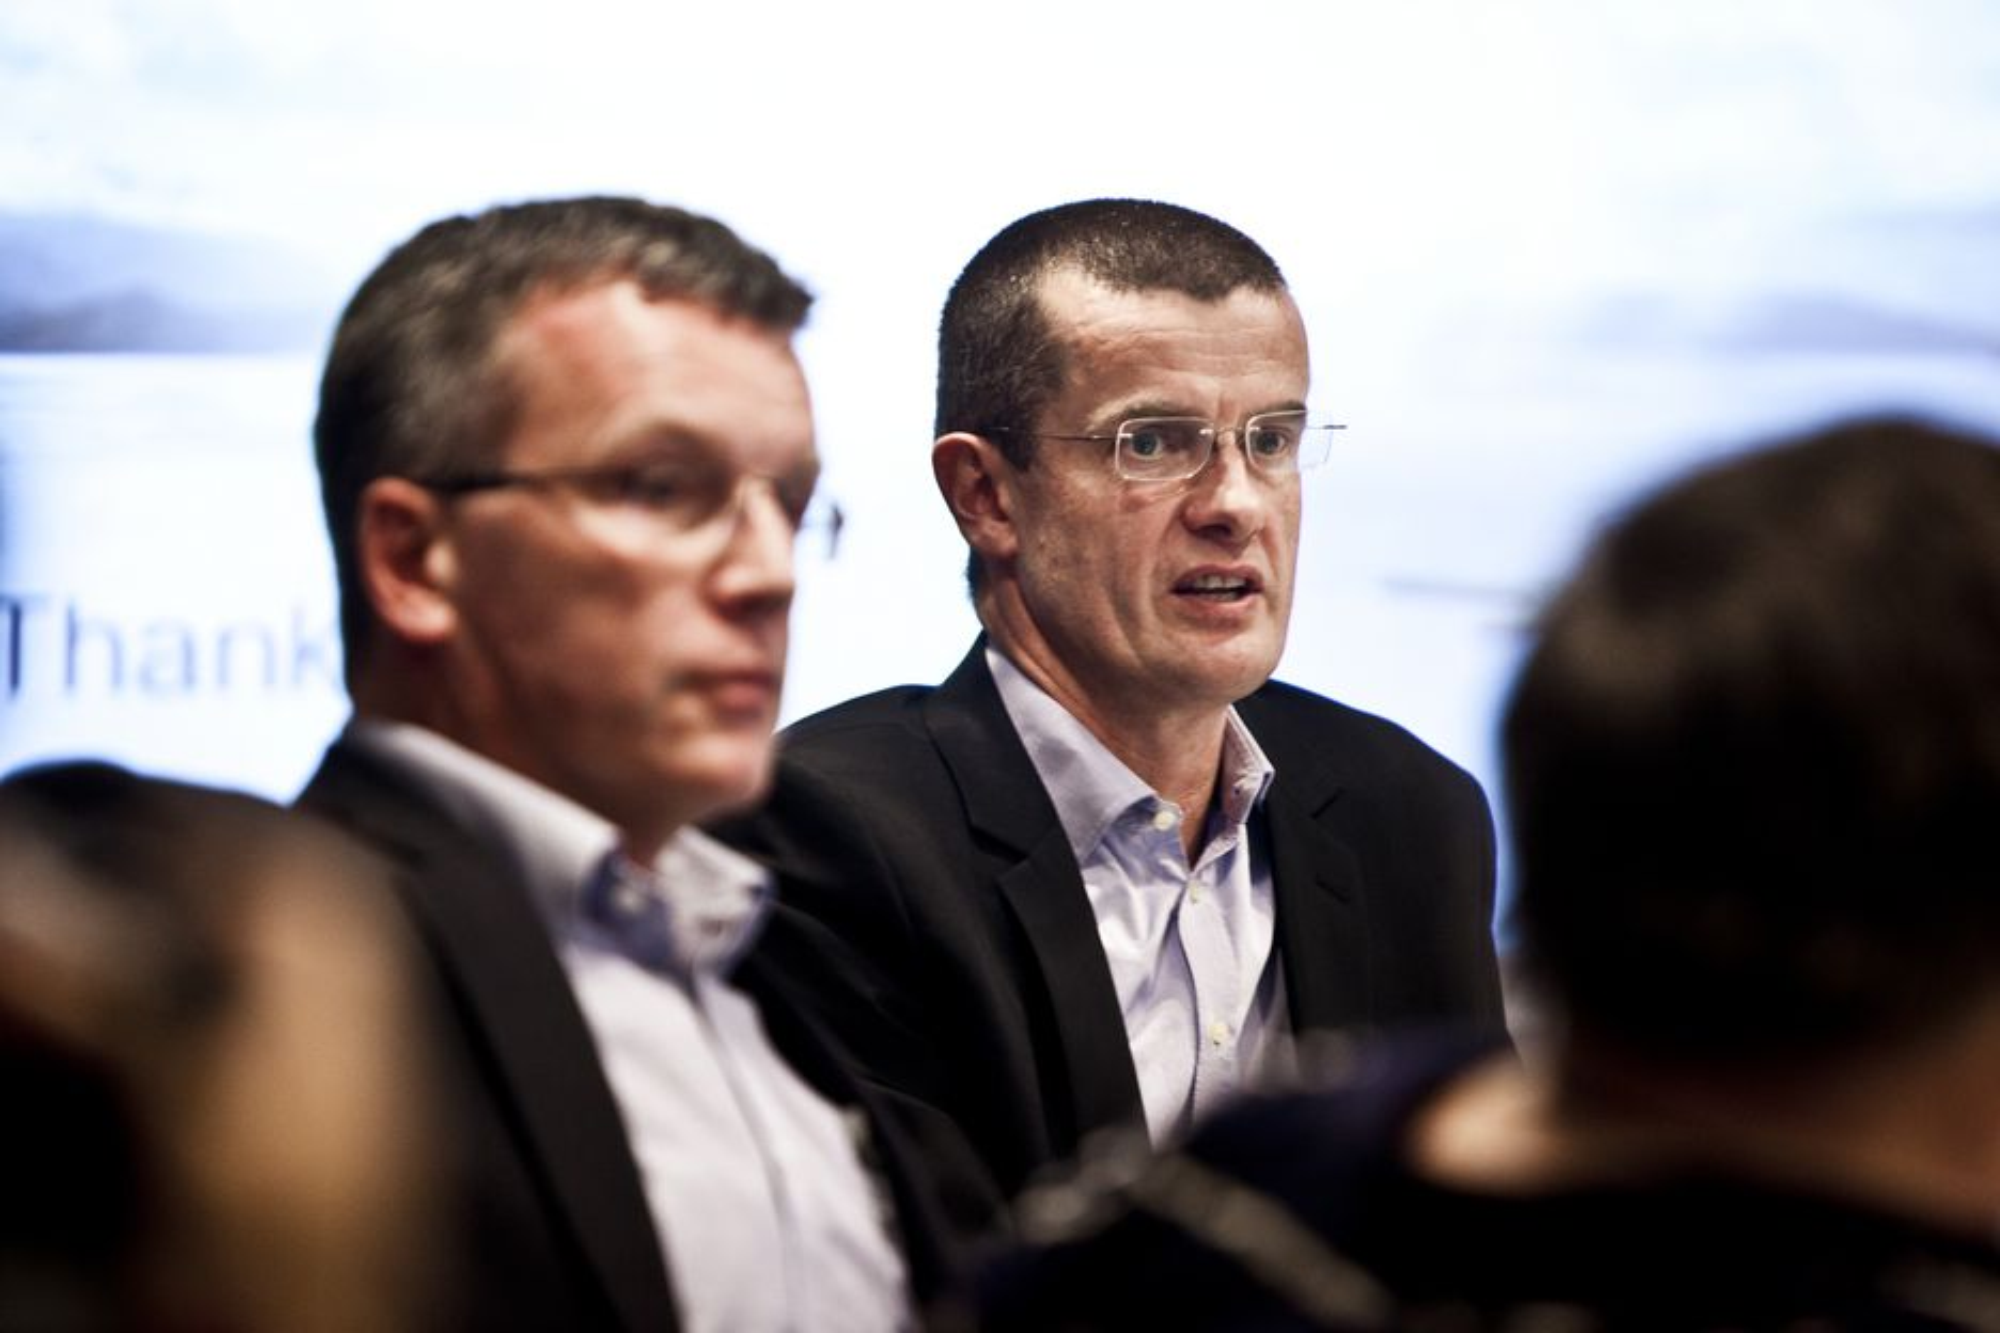 """Fra venstre Eirik Wærness og Klaus Mohn la frem rapporten""""Energy perspectives"""" i dag. Urolig marked, høy oljepris og mer grønn energi er nøkkelord."""